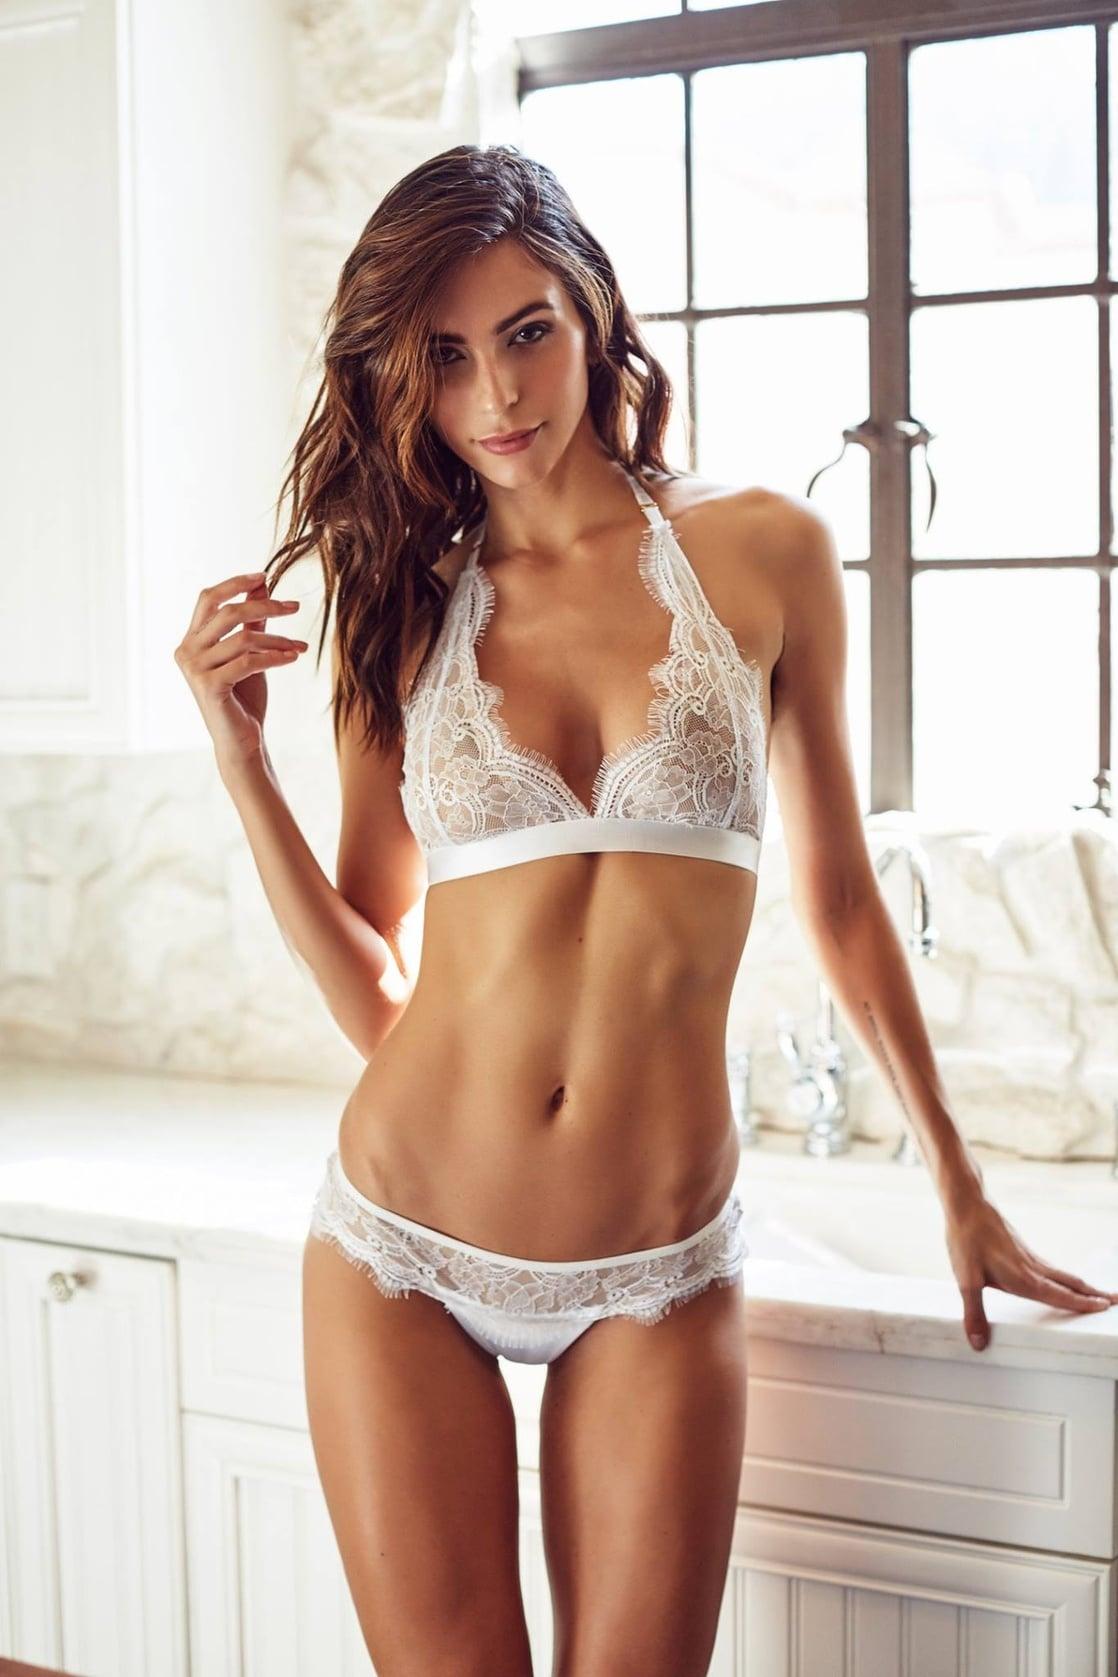 Leaked Amanda Marie Pizziconi  naked (91 images), Snapchat, panties